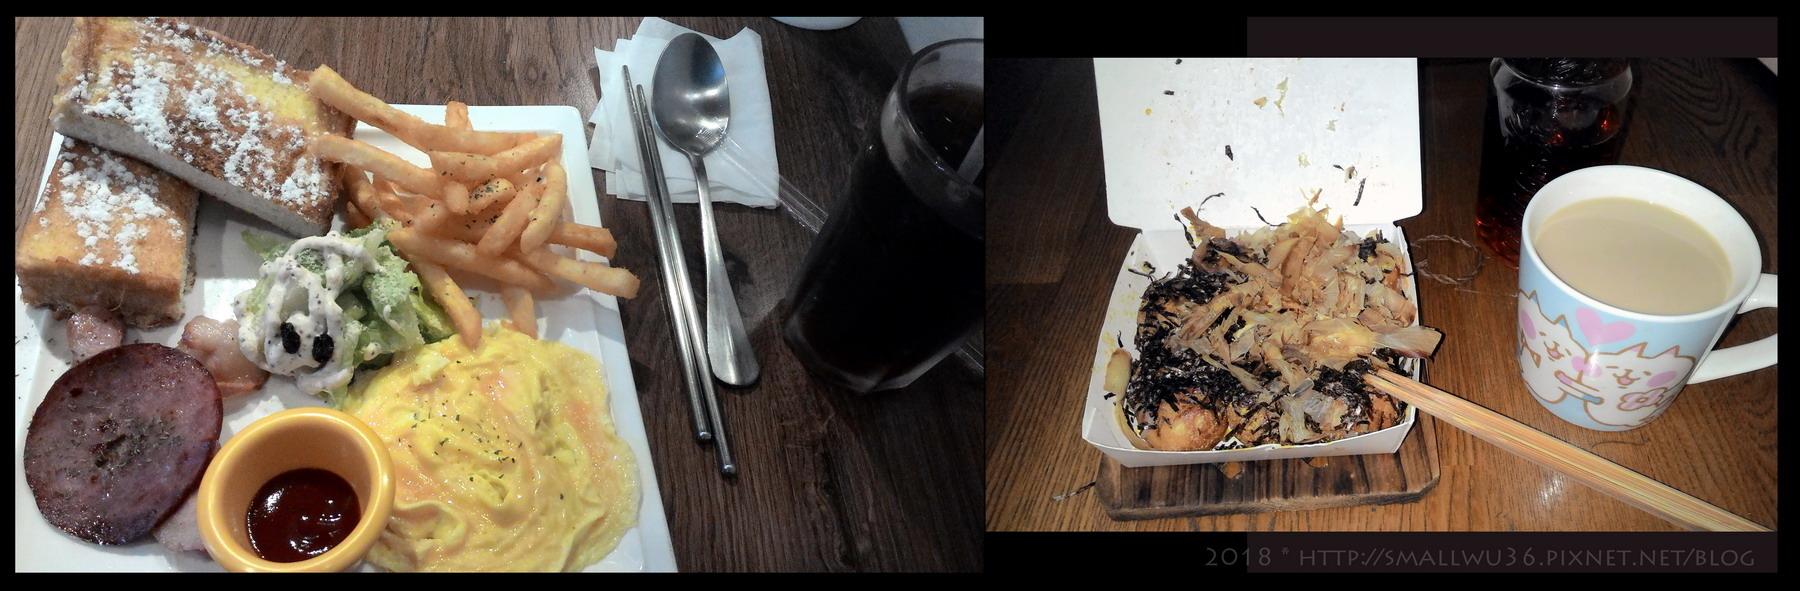 法式吐司 培根火腿 歐姆蛋, 台式章魚燒+海苔絲.jpg